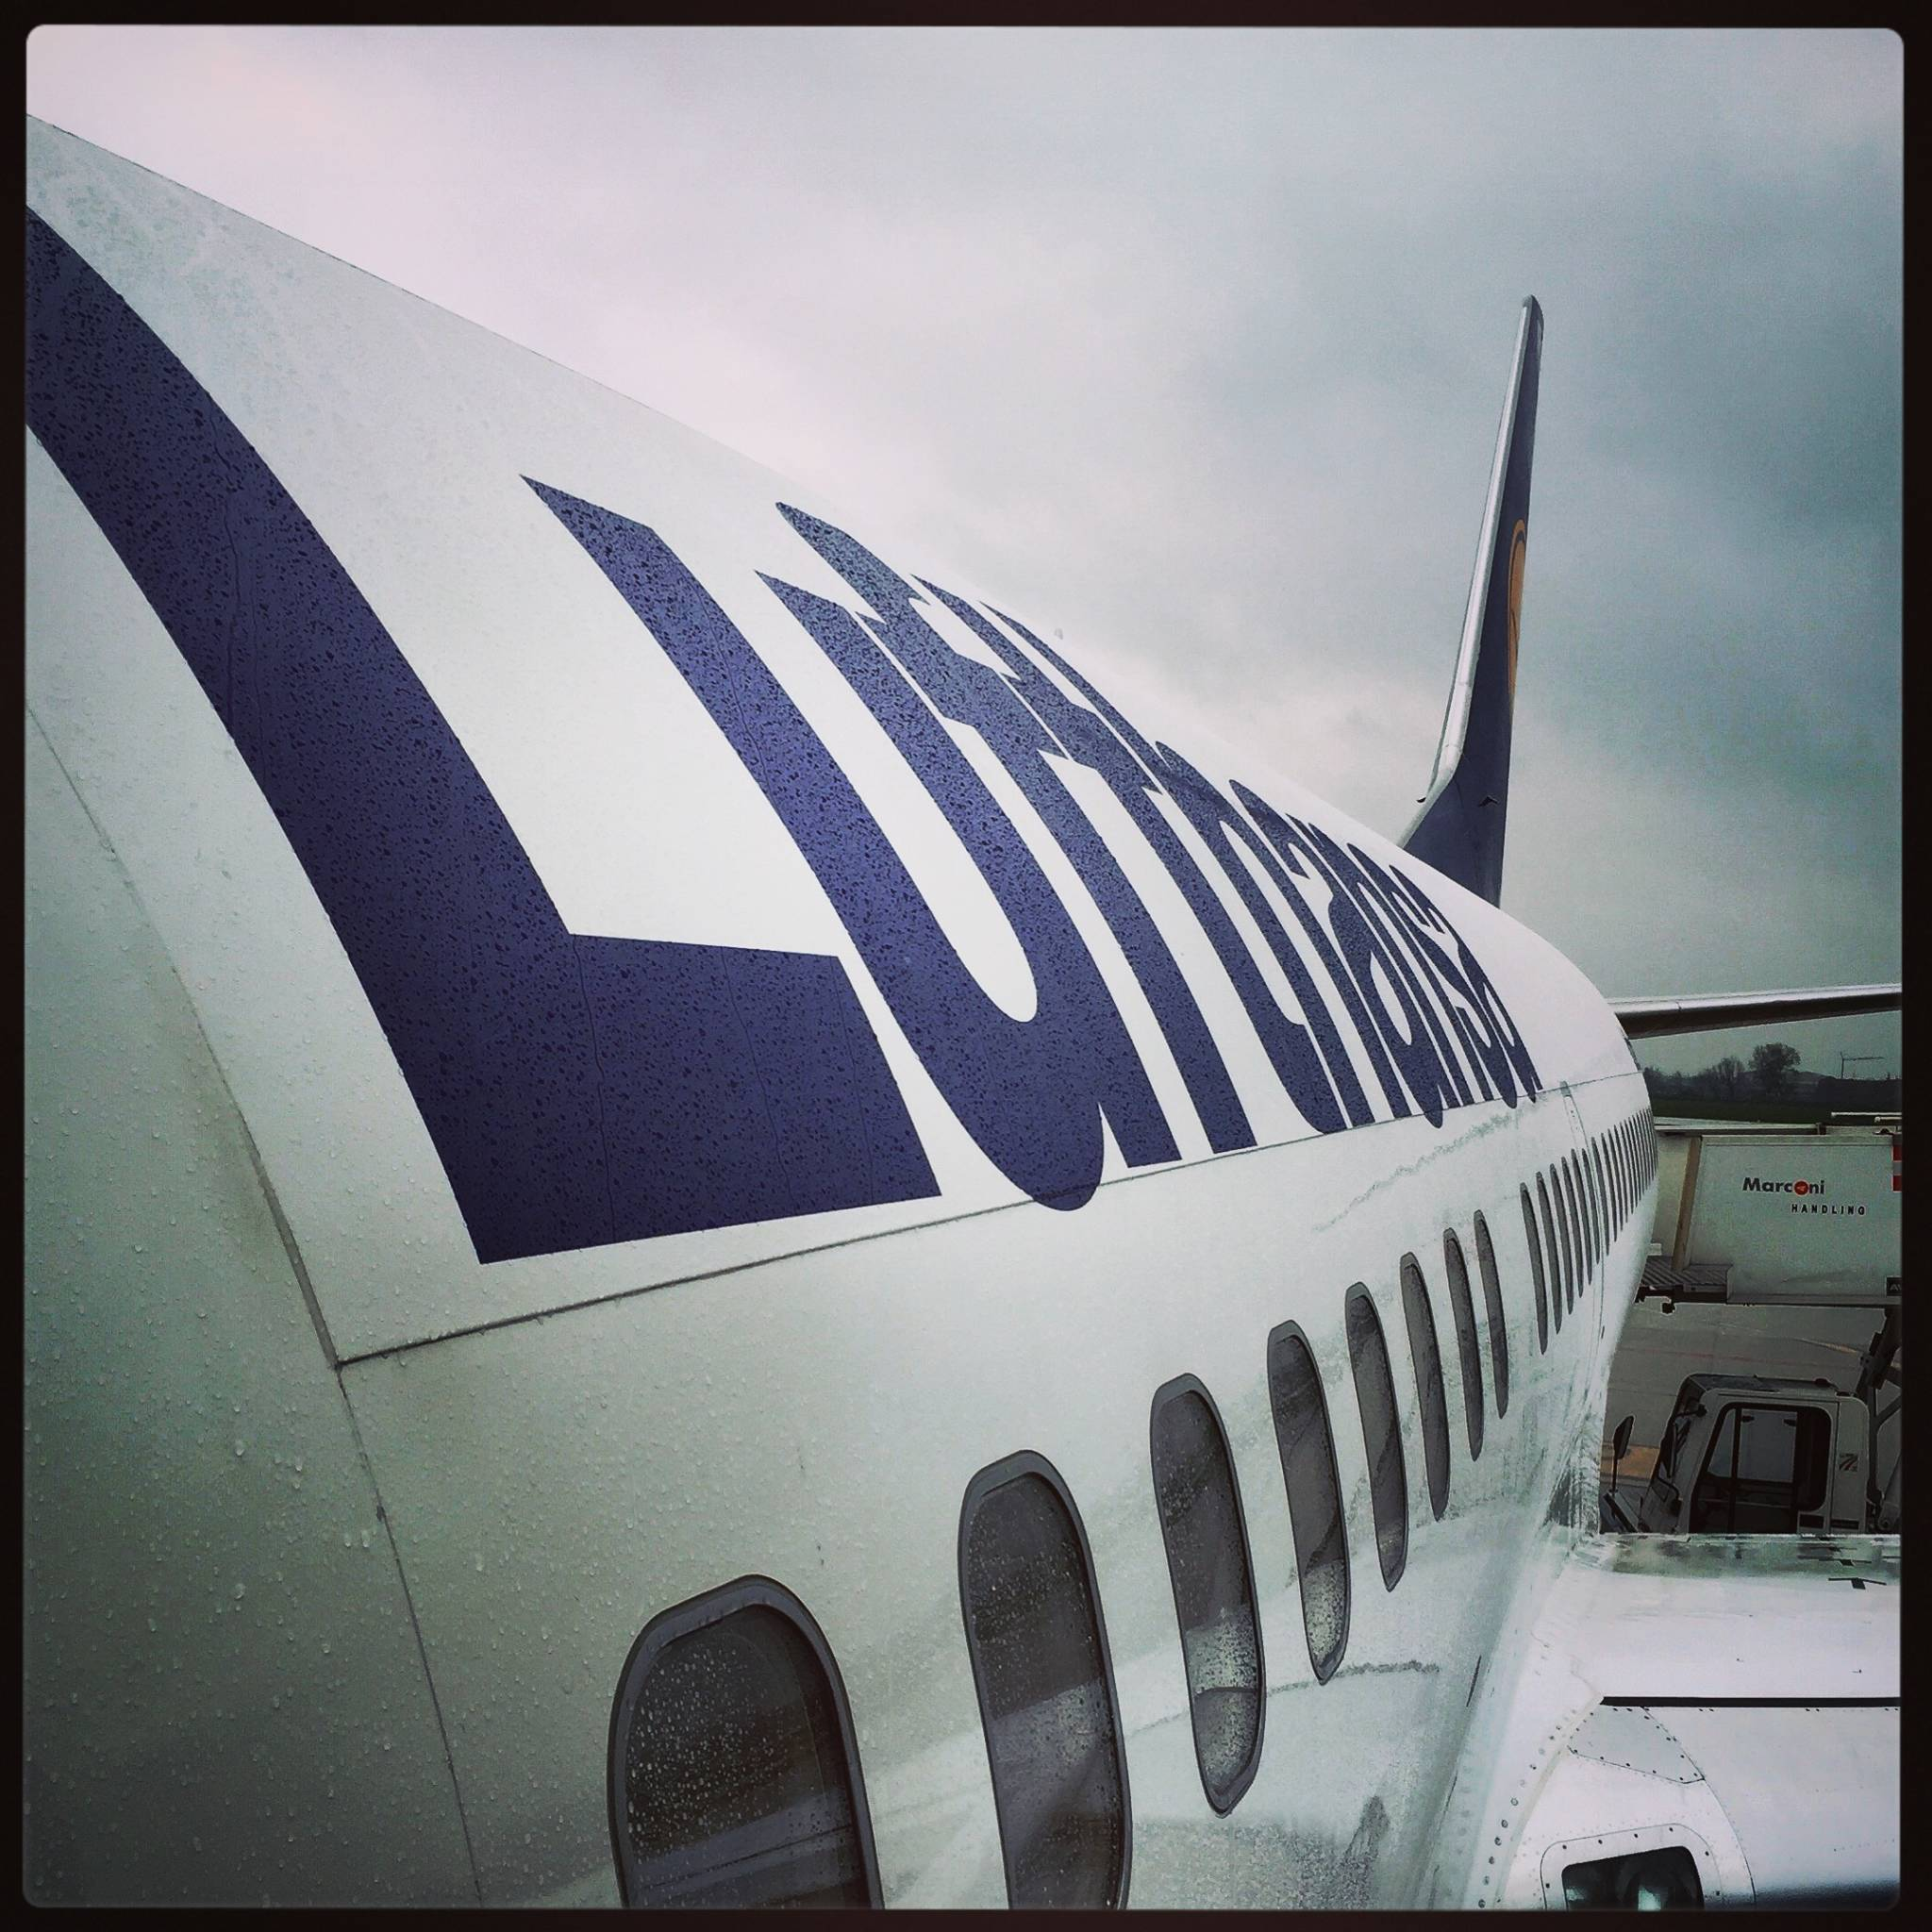 In viaggio con Lufthansa